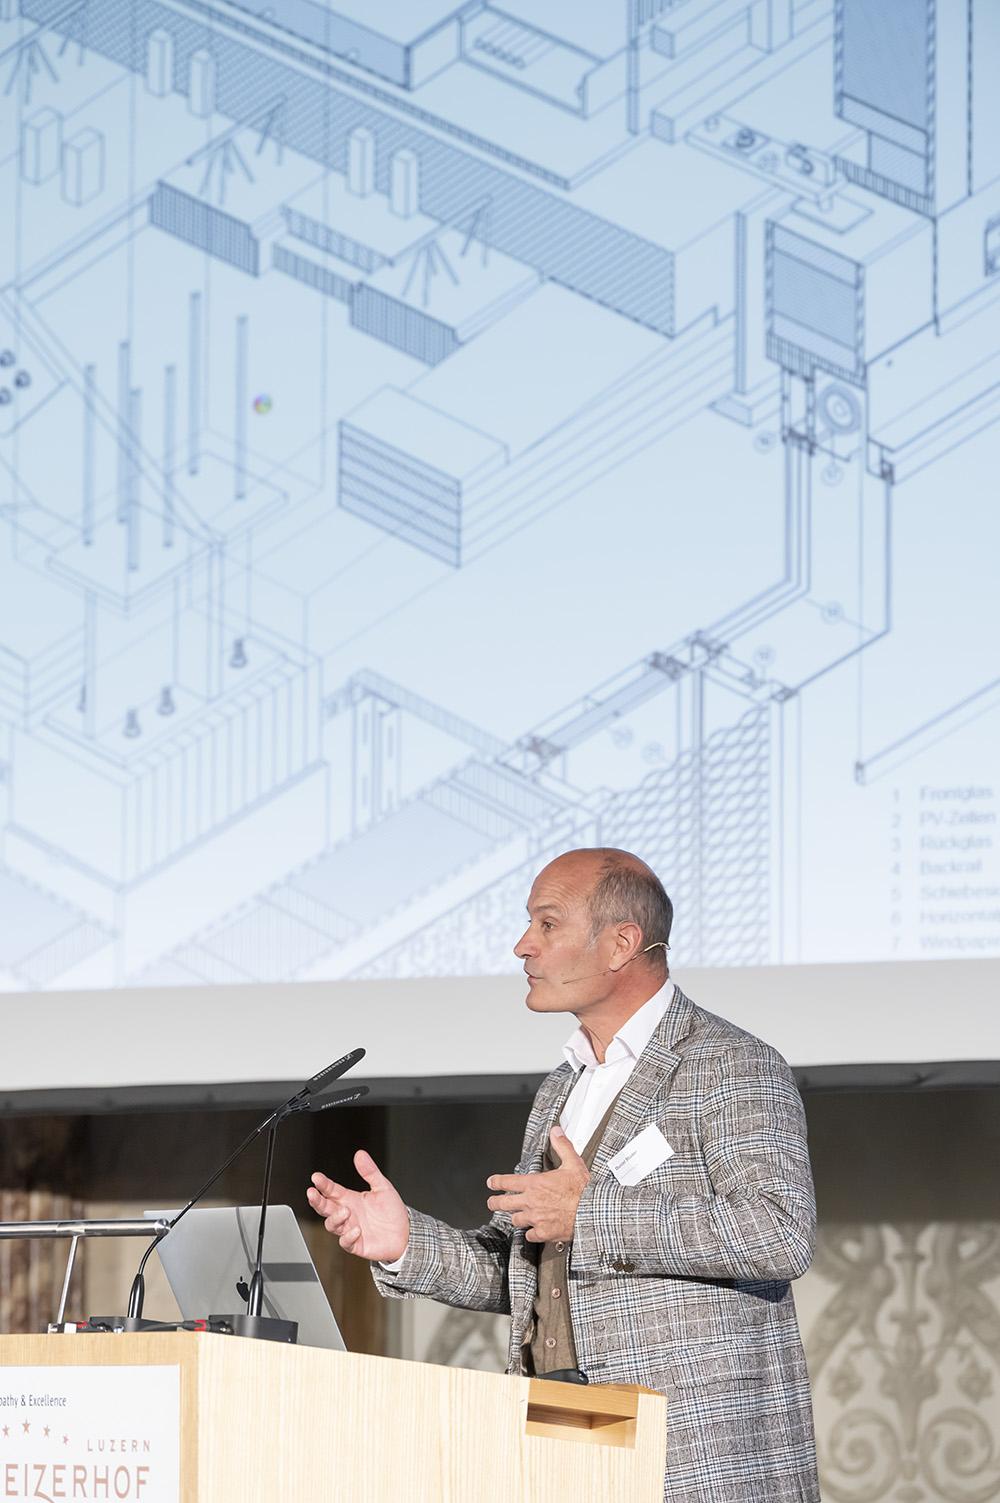 Daniel Studer von Bautechnologie und Konstruktion BUK der ETH Zürich.